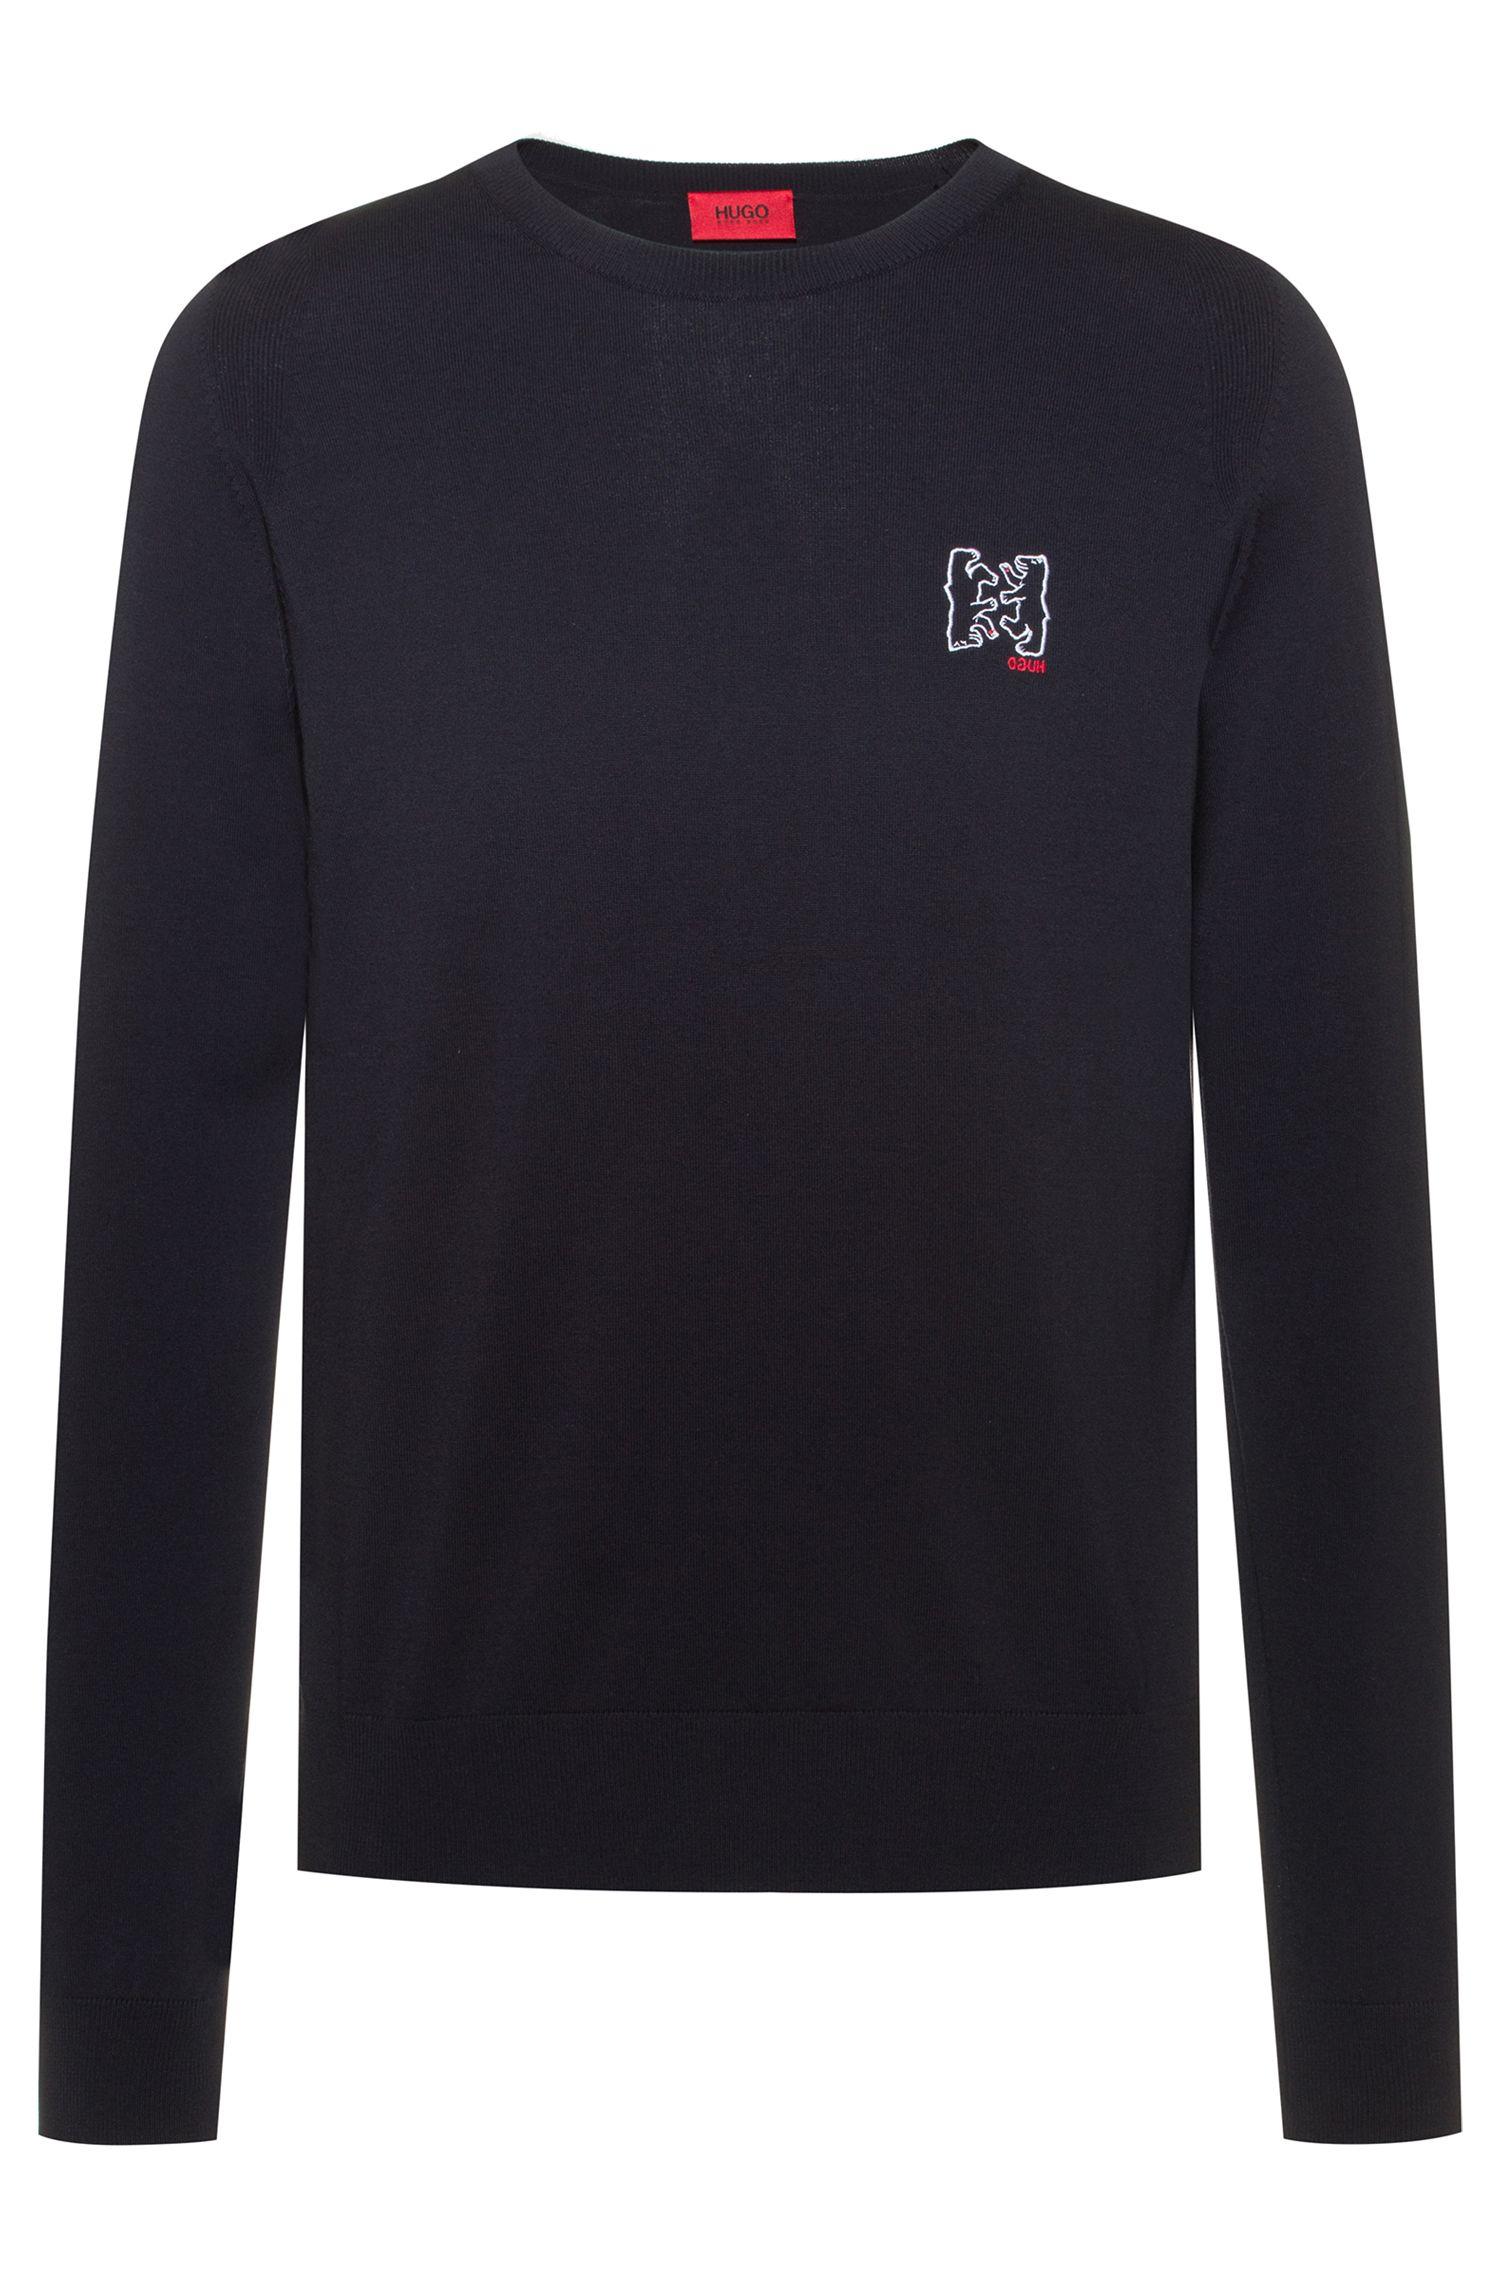 Cotton-blend knitted sweater with bear motifs, Dark Blue